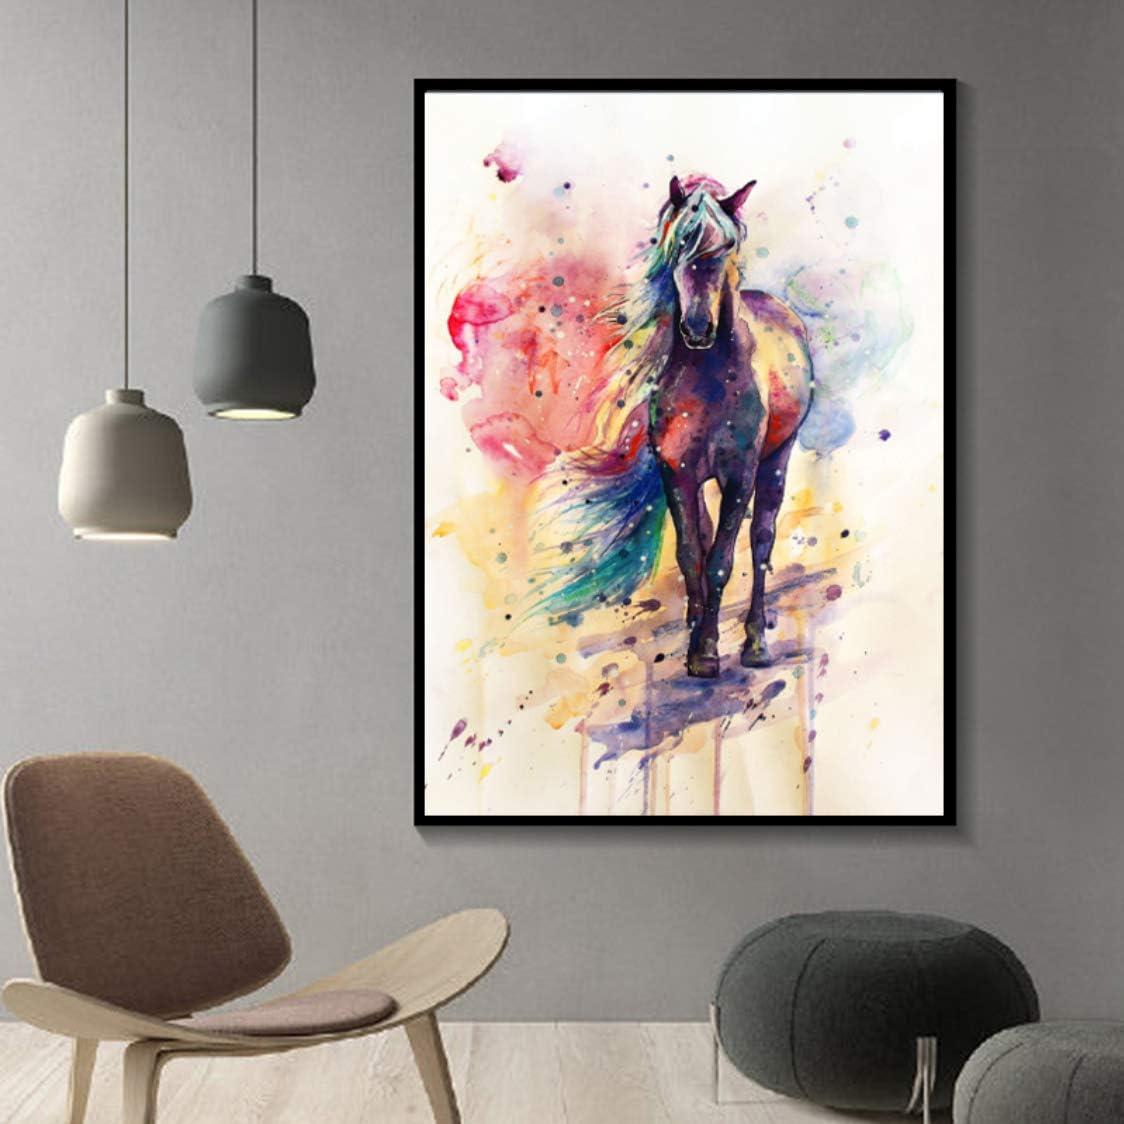 Danjiao Impresiones De Acuarela Lienzo Pintura Animal Cartel Abstracto Caballo Pintura Al Óleo Cuadros De Pared Para Sala De Estar Cuadros Decoración Para El Hogar Sala De Estar Decor 60x90cm